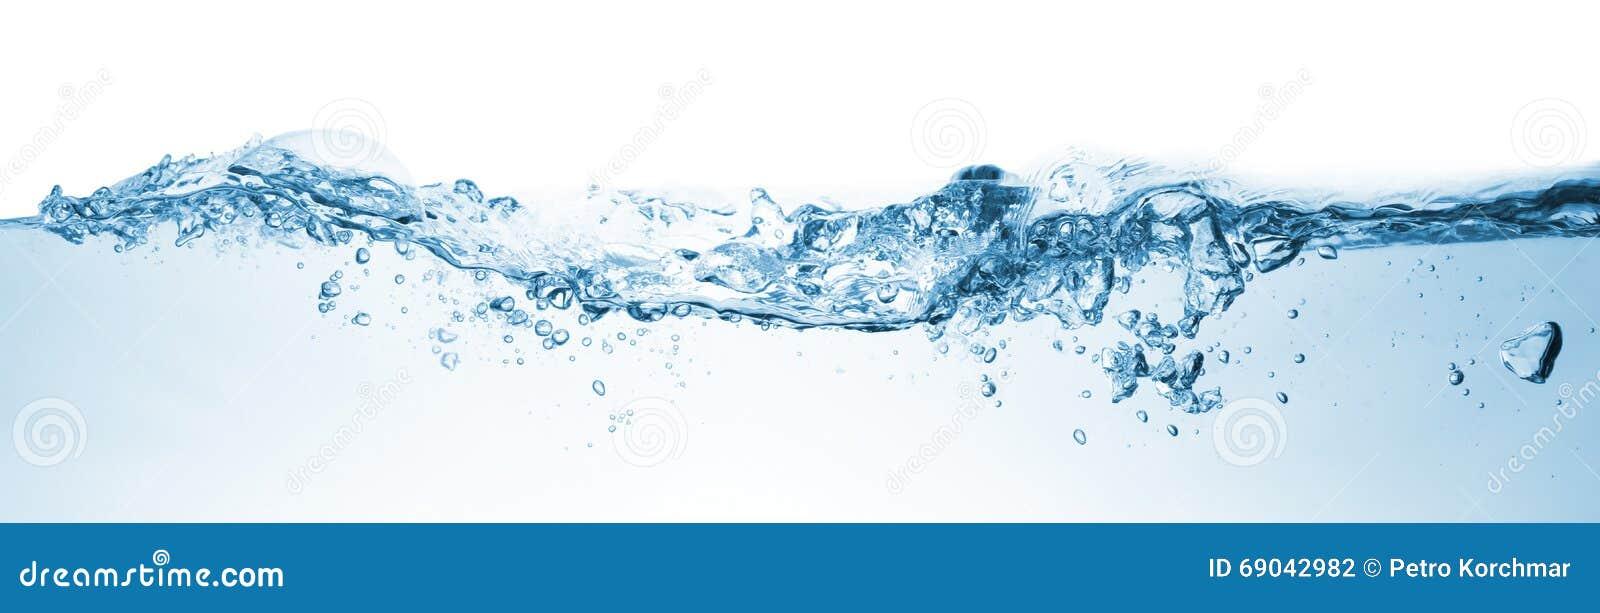 Onde L eau éclaboussant au-dessus du fond blanc